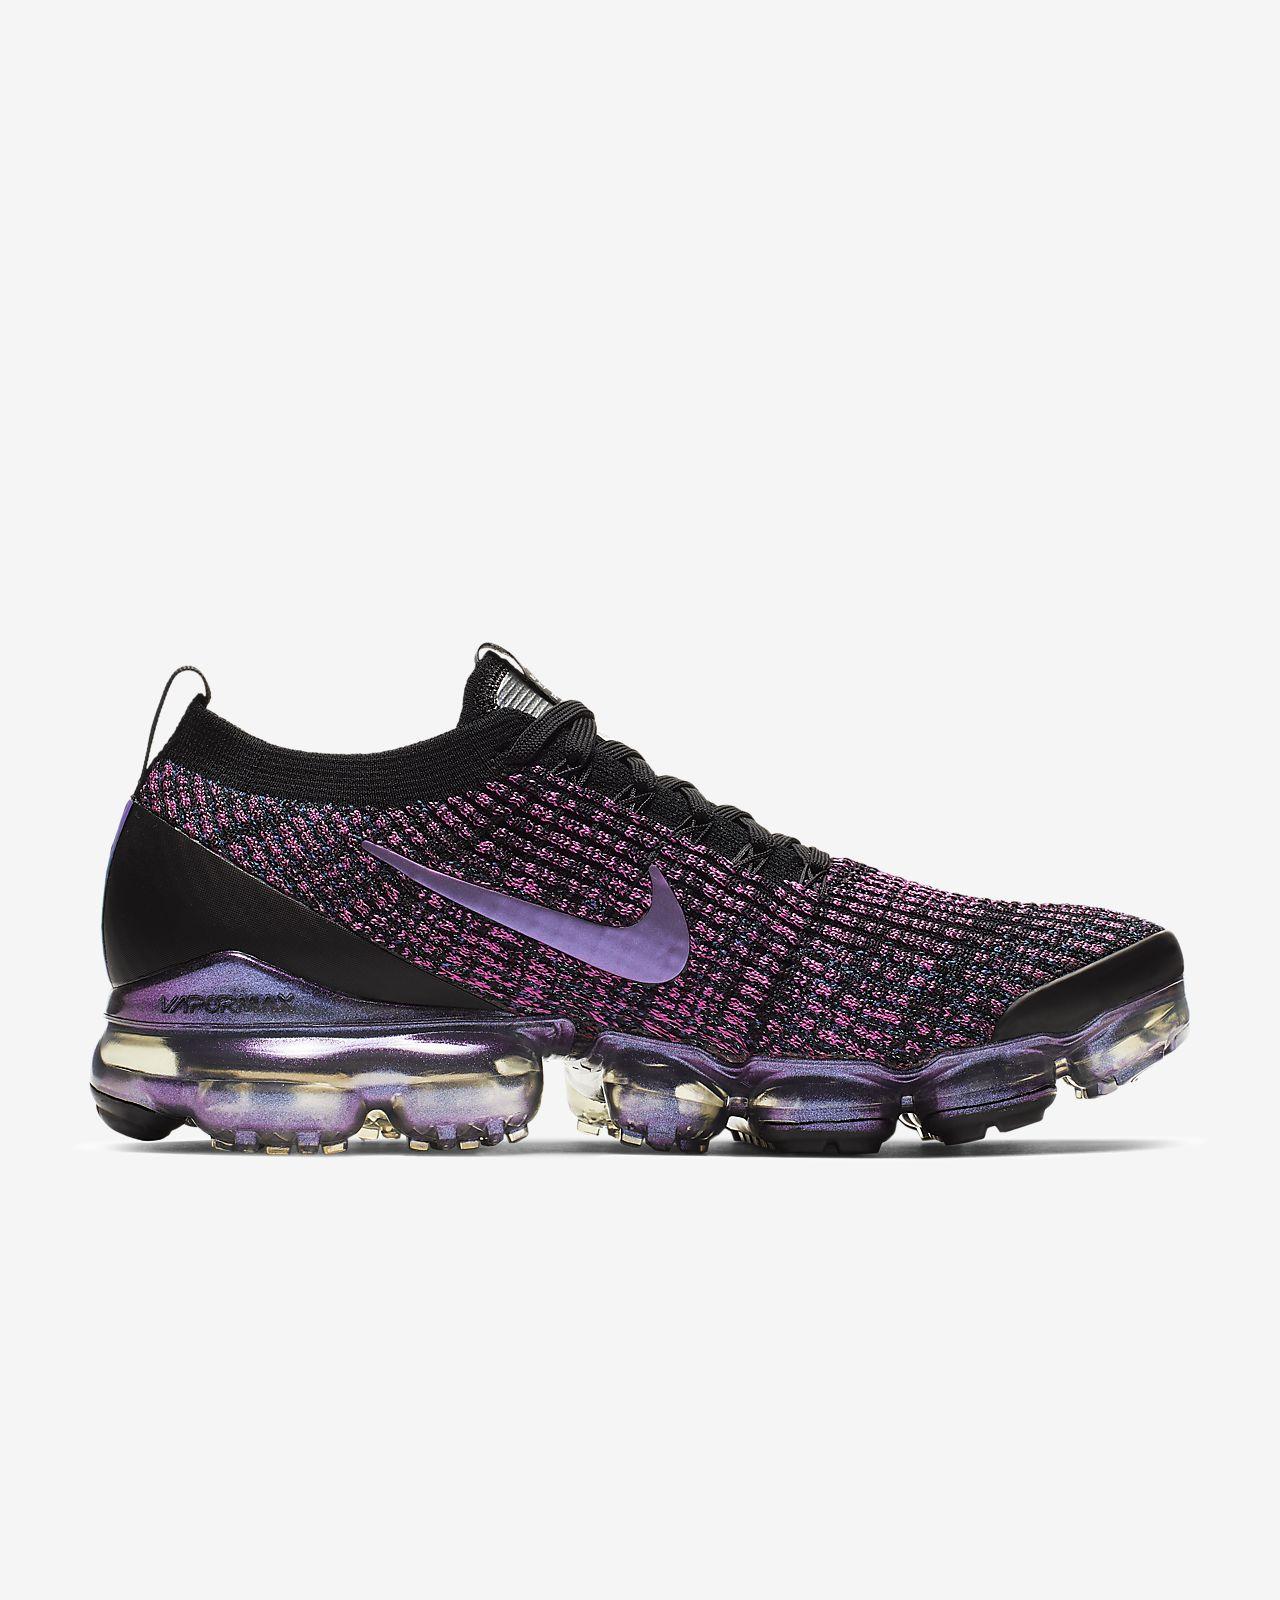 a1461ad7b4ec6 Nike Air VaporMax Flyknit 3 Men s Shoe. Nike.com IN